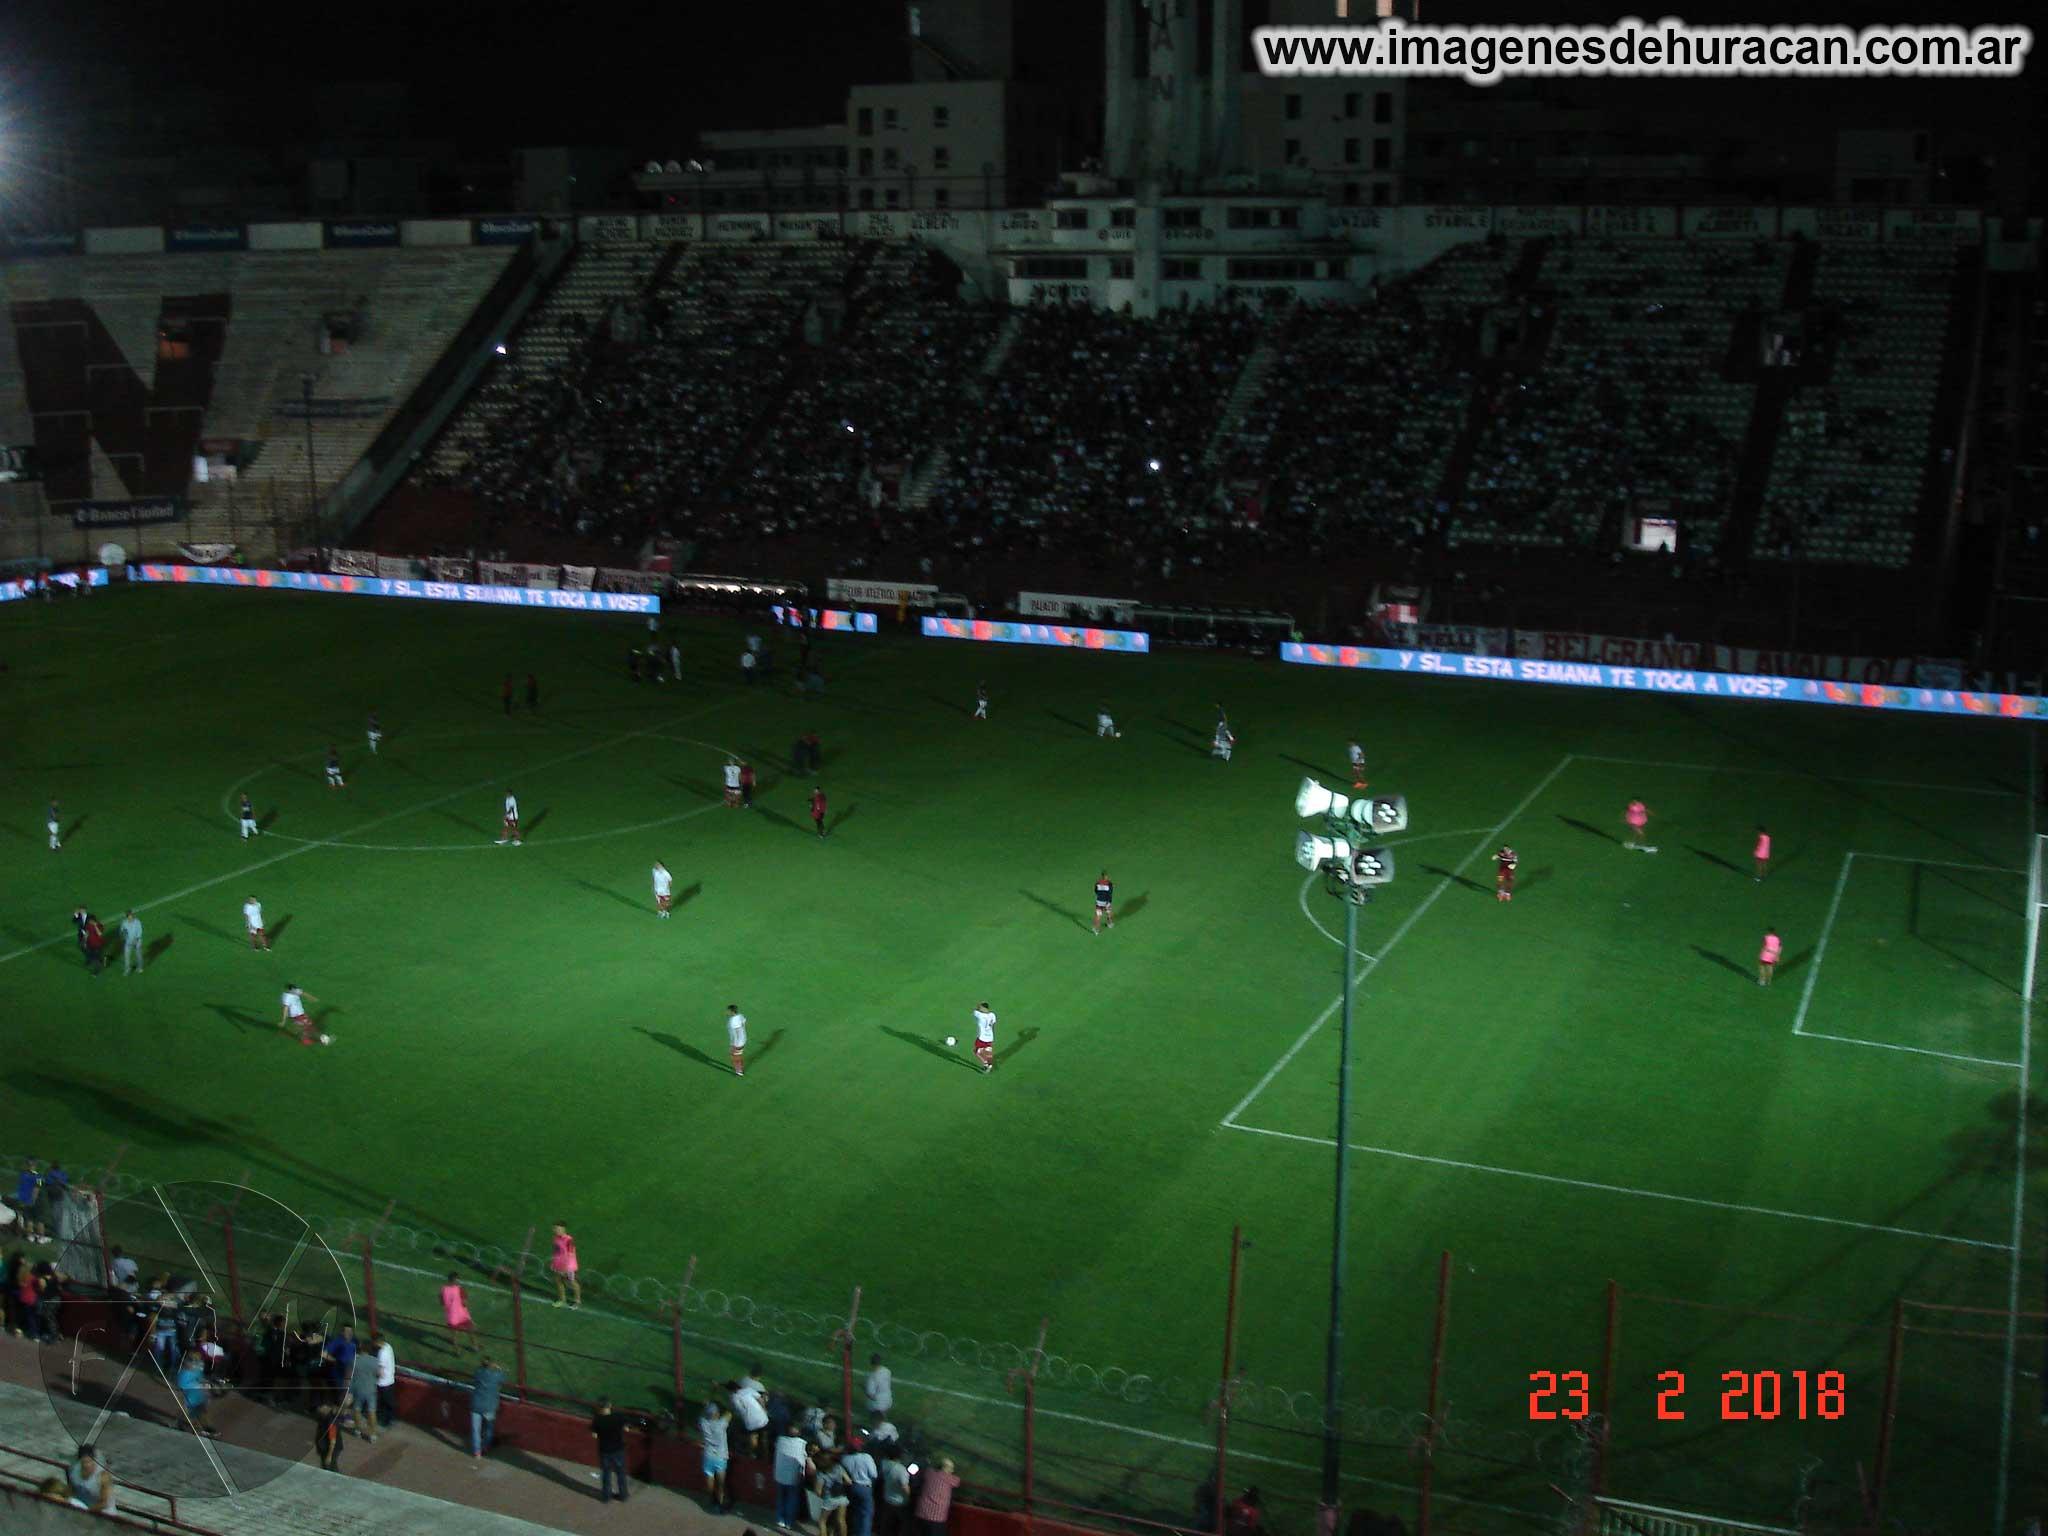 Huracán vs. Estudiantes La Plata - fecha 17